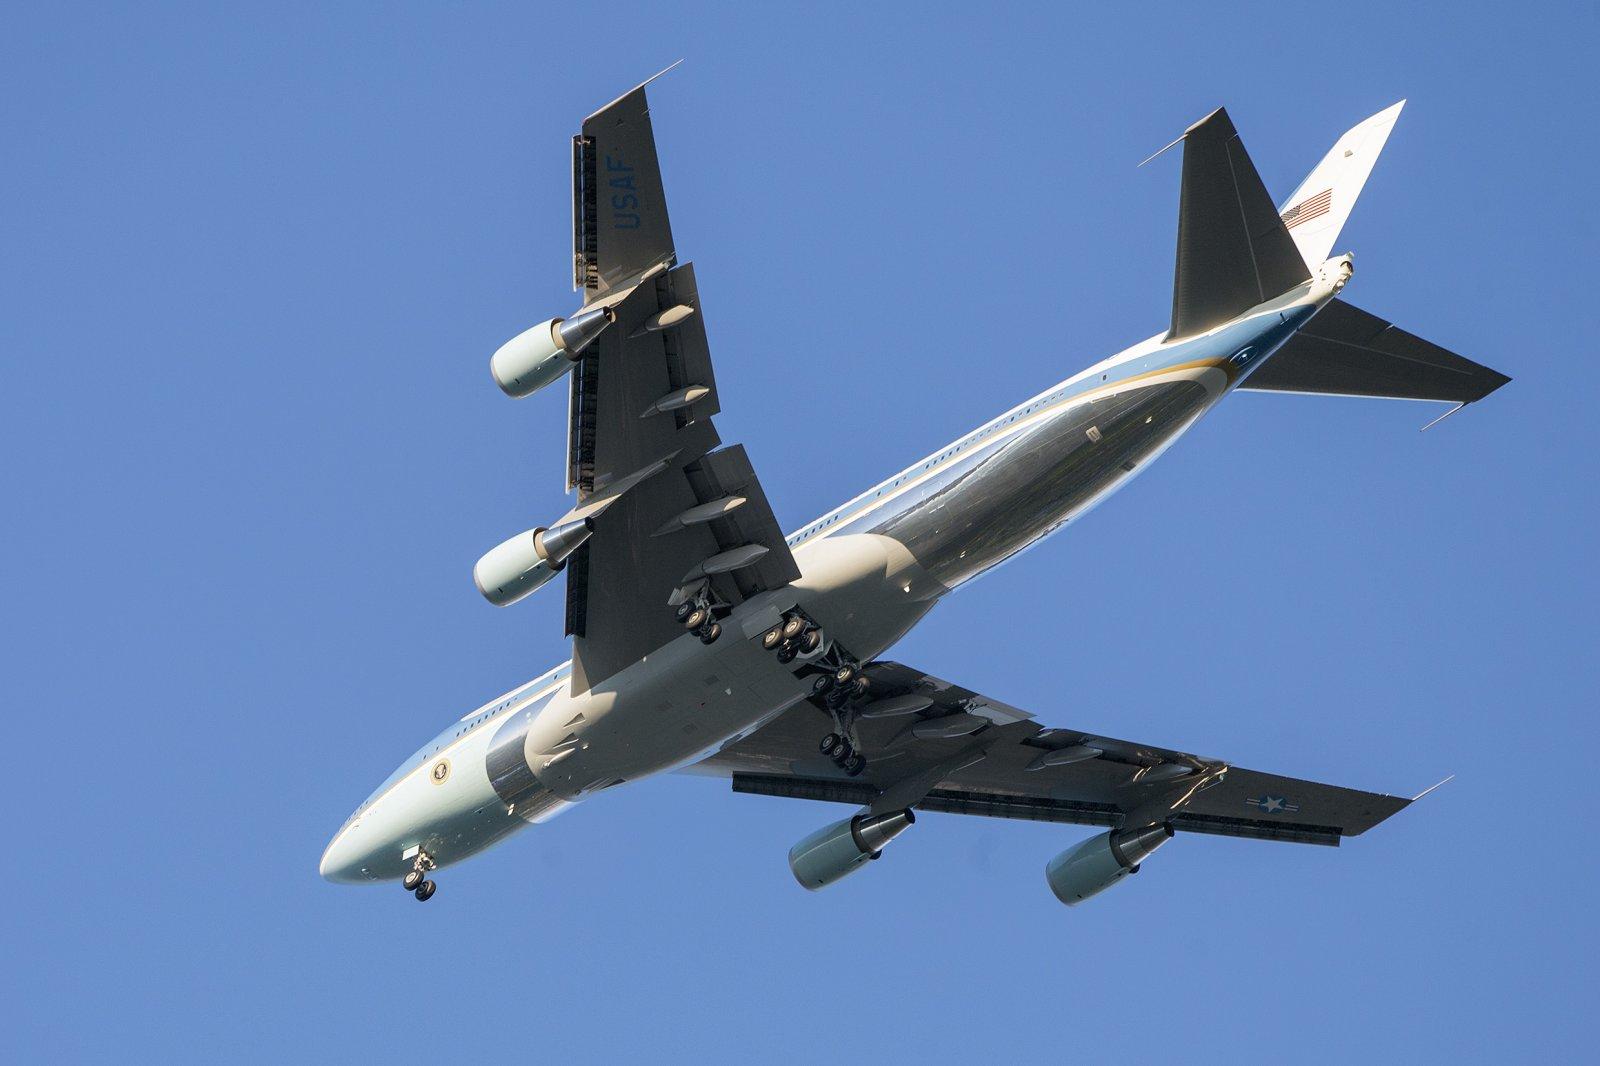 5b4b8c398f937_Airforceone_1_2480px.jpg